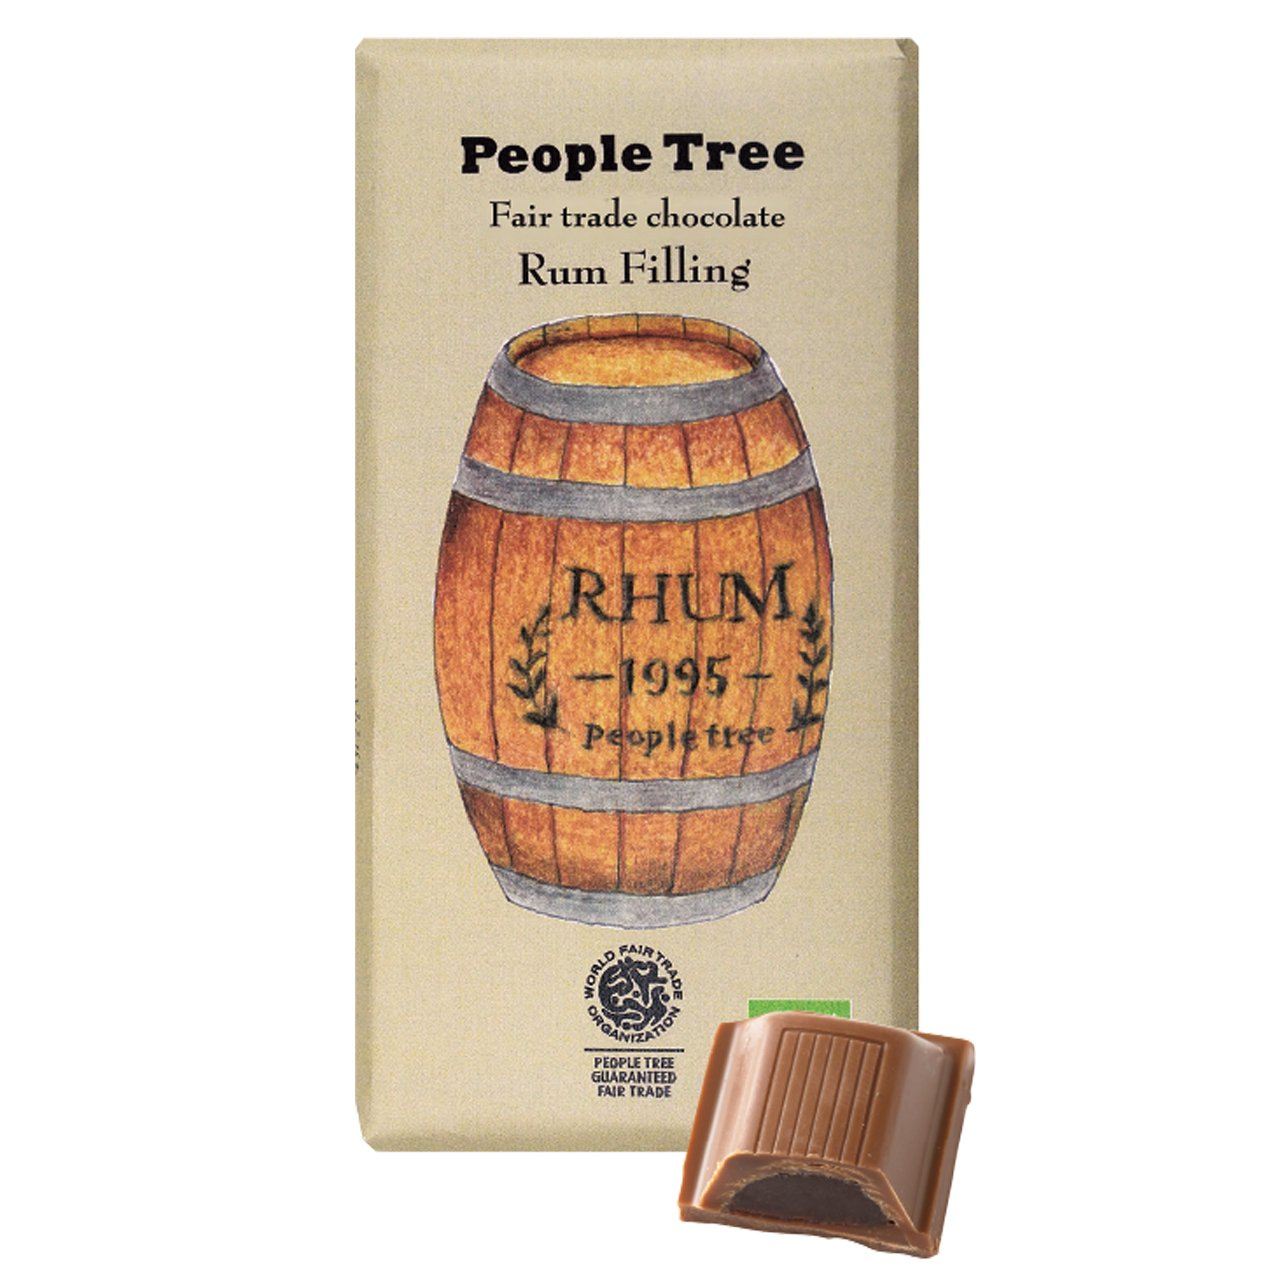 【People Tree】フェアトレード・フィリングチョコレート ラム